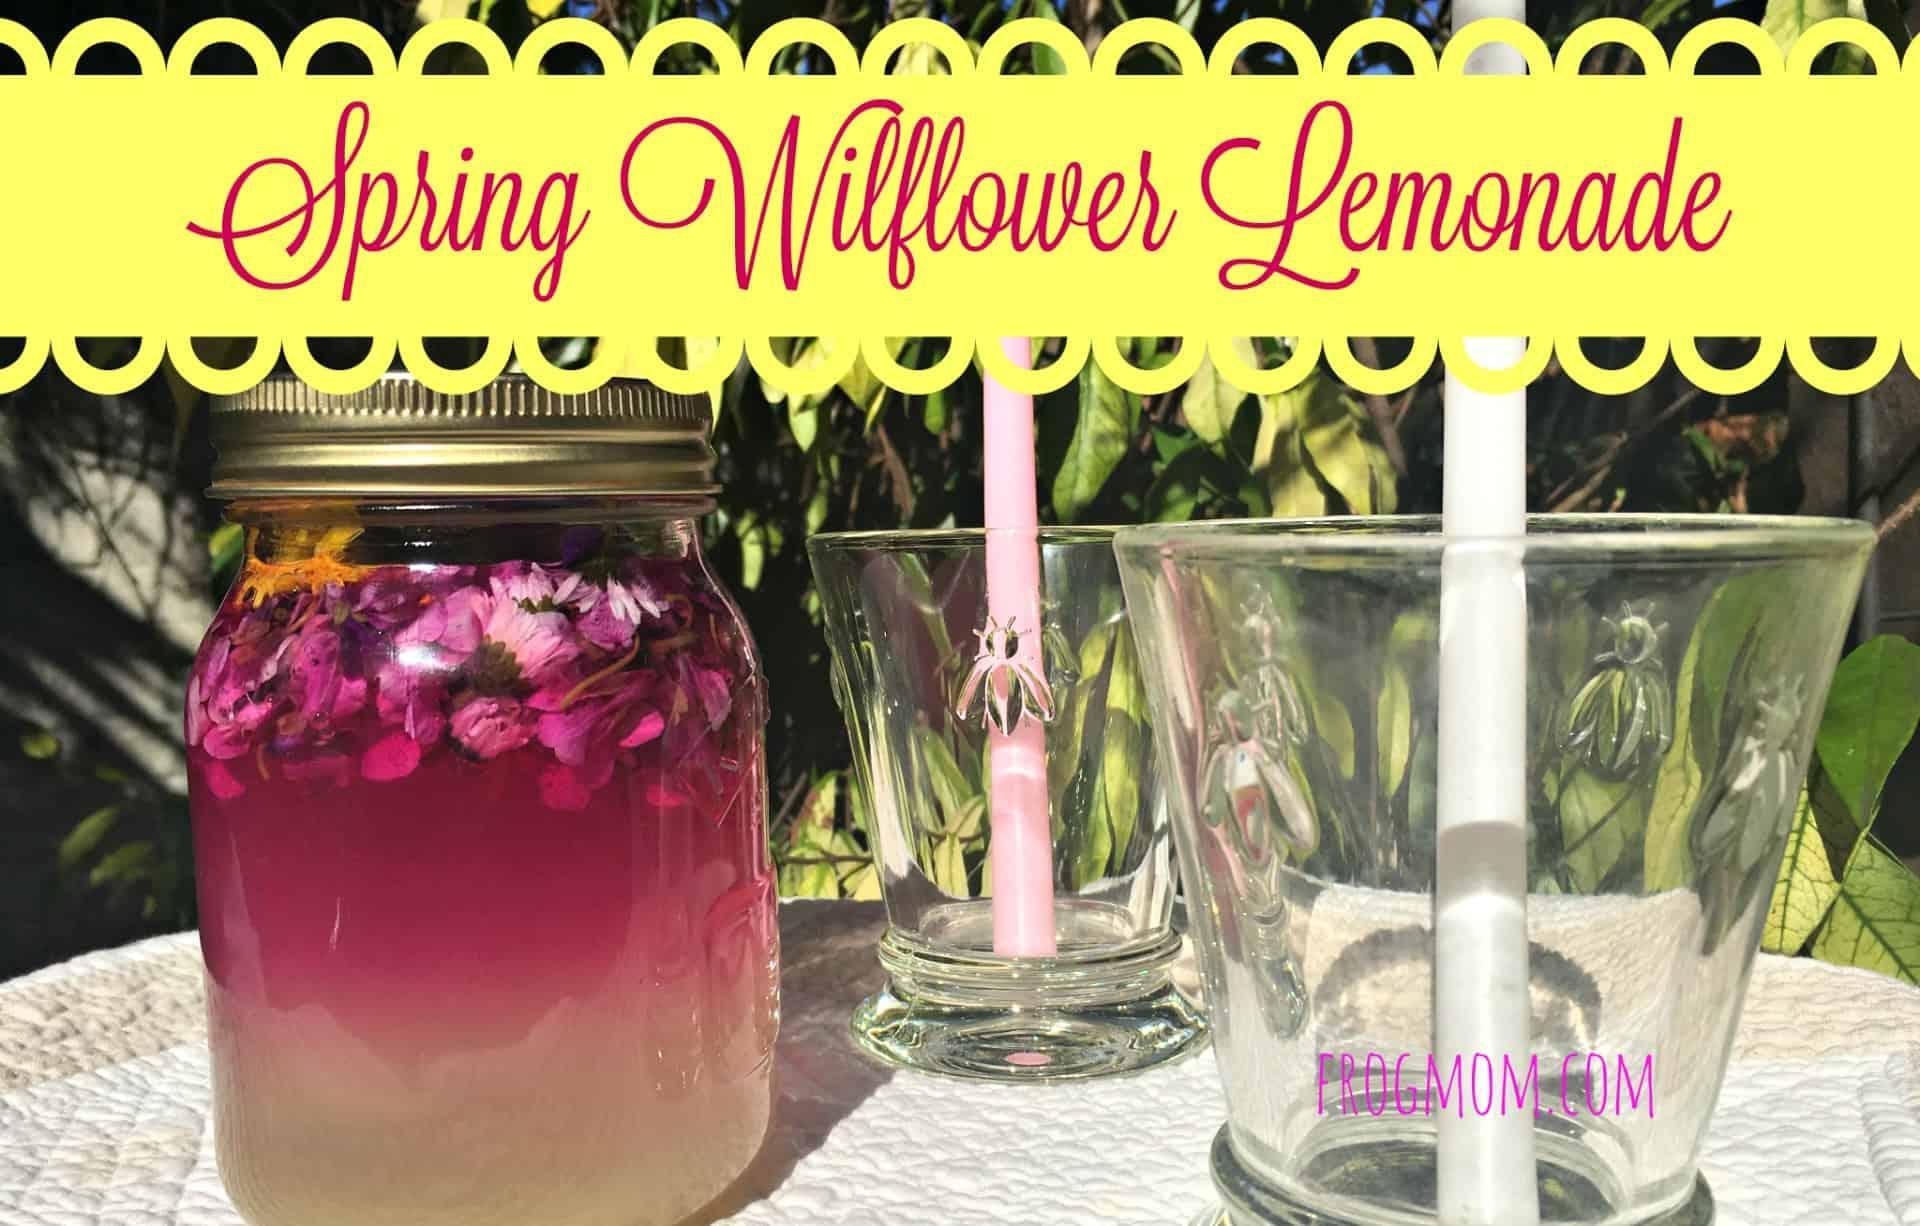 Spring wildflower lemonade